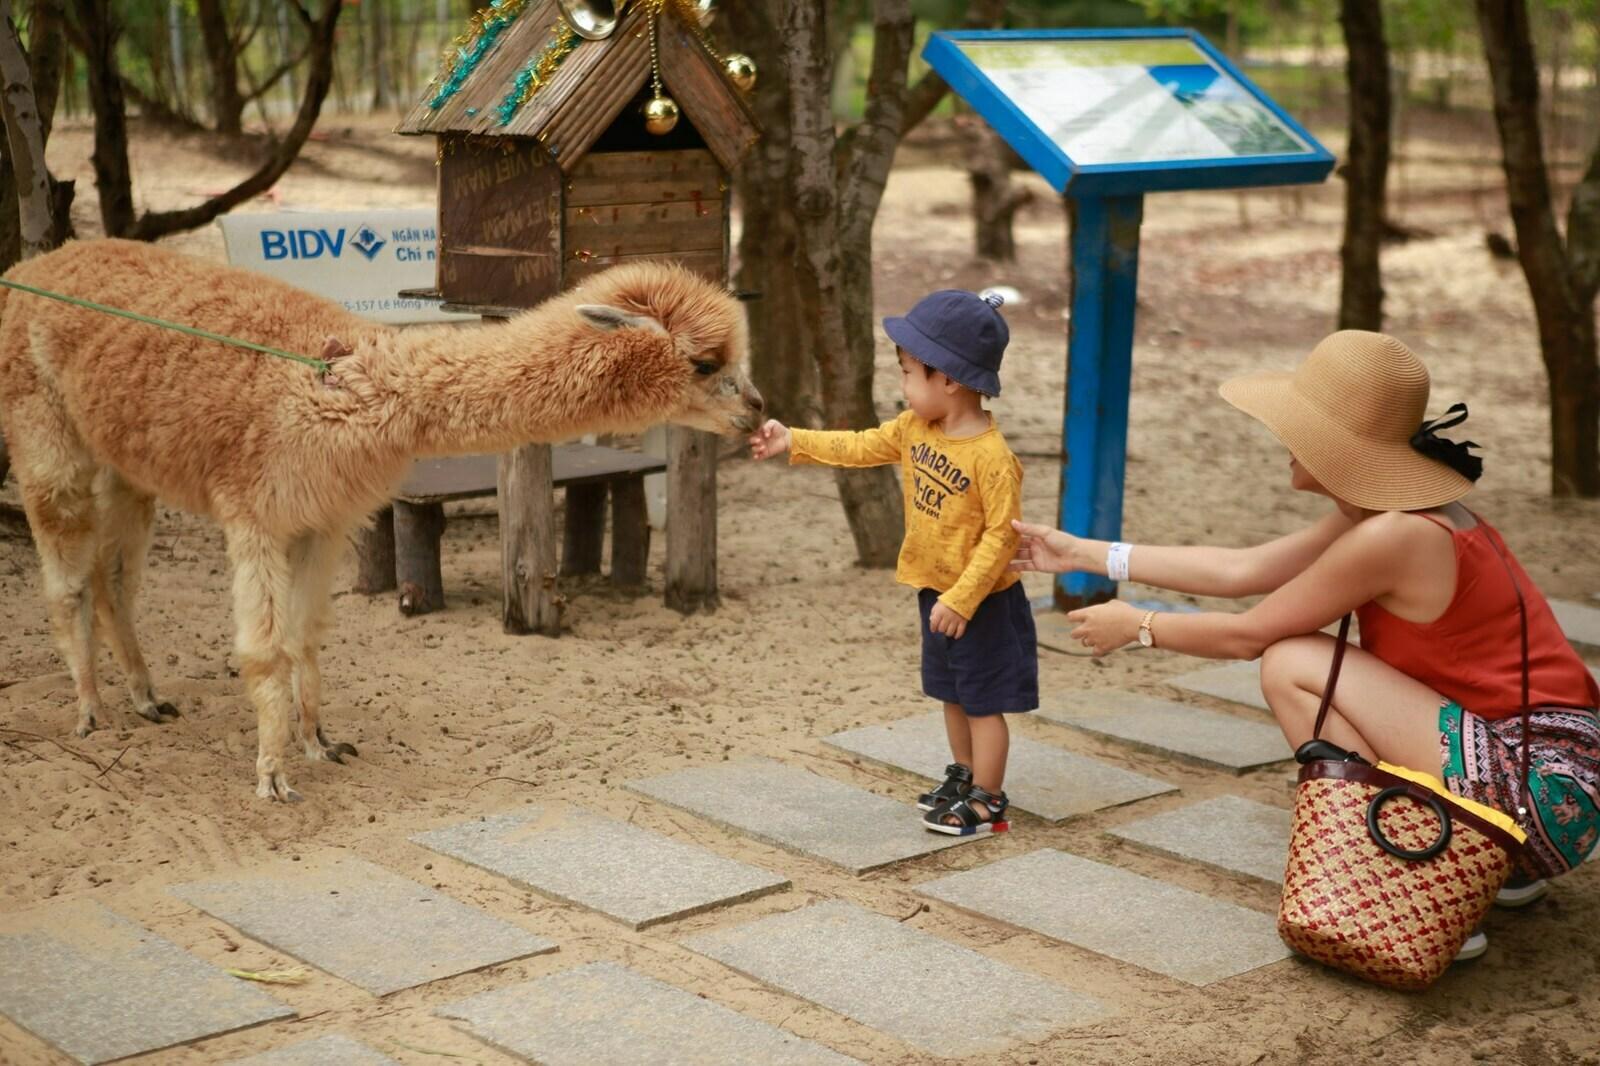 Các loài động vật tại FLC Safari vô cùng thân thiện. Hình: Sưu tầm